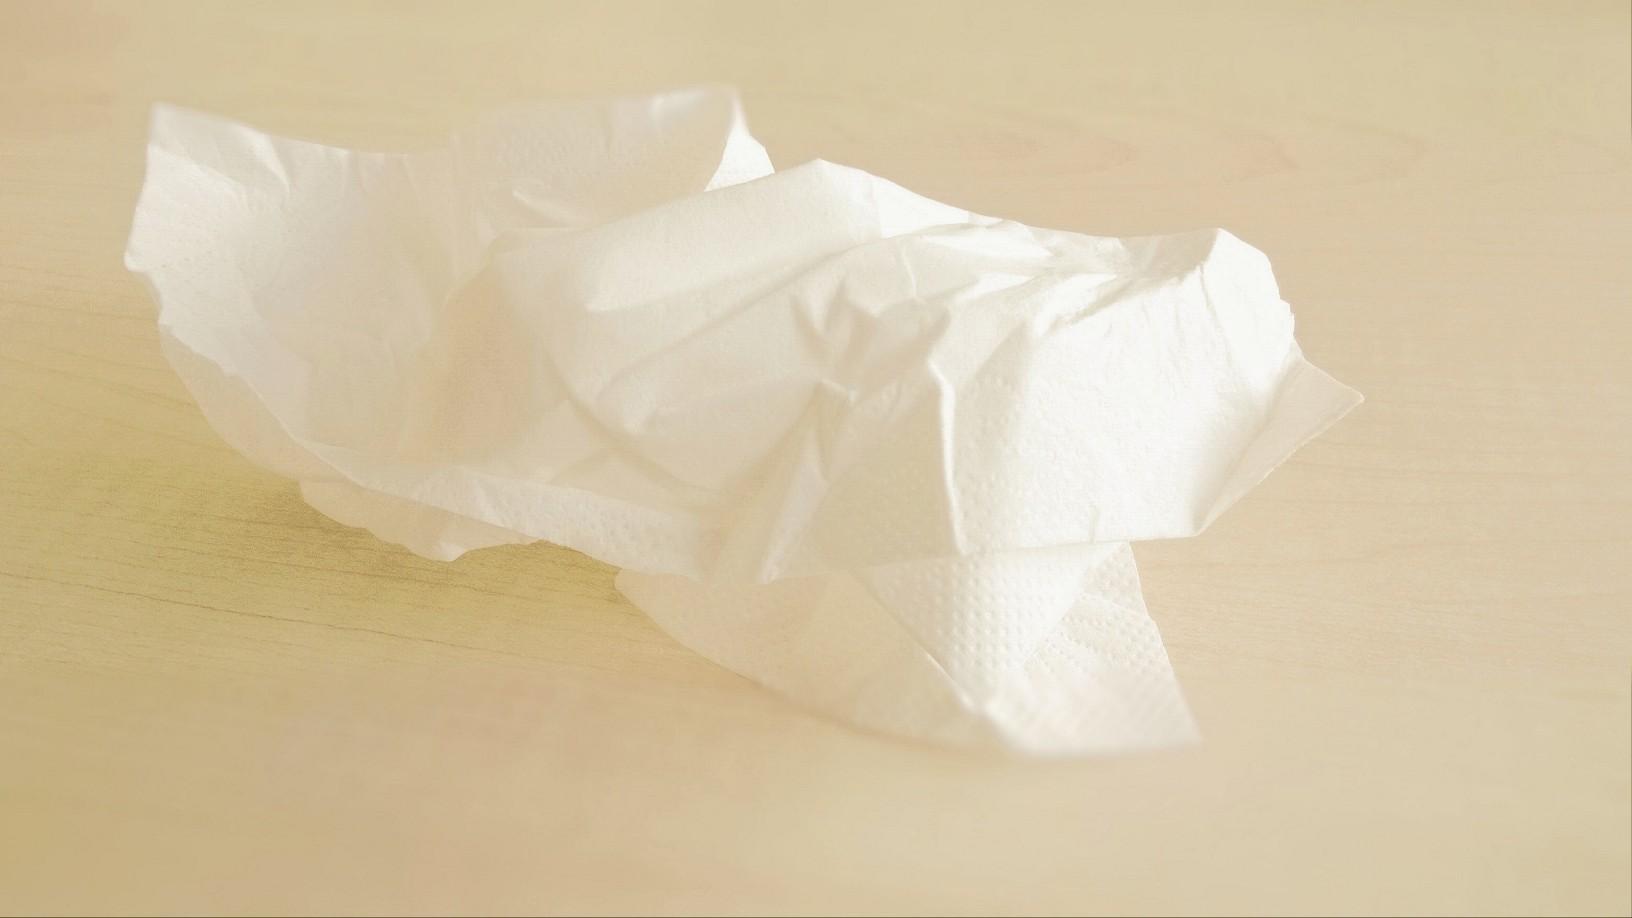 Erkältung Taschentuch